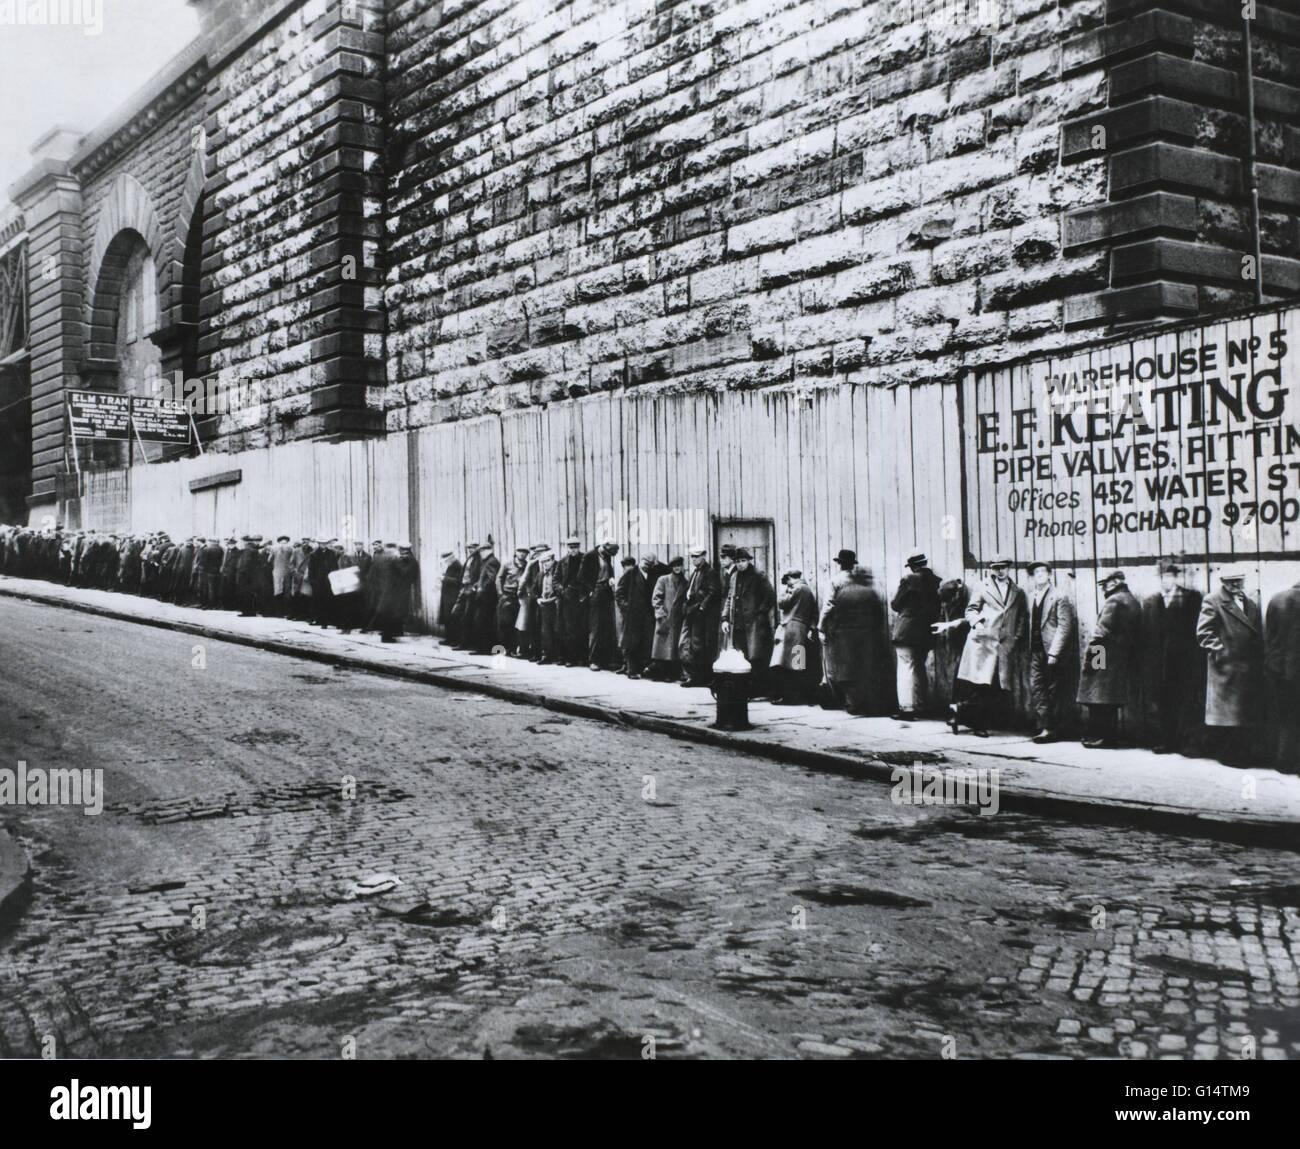 New York, New York. Pane riga accanto al Ponte di Brooklyn approccio durante la Grande depressione tra il 1930 e Immagini Stock